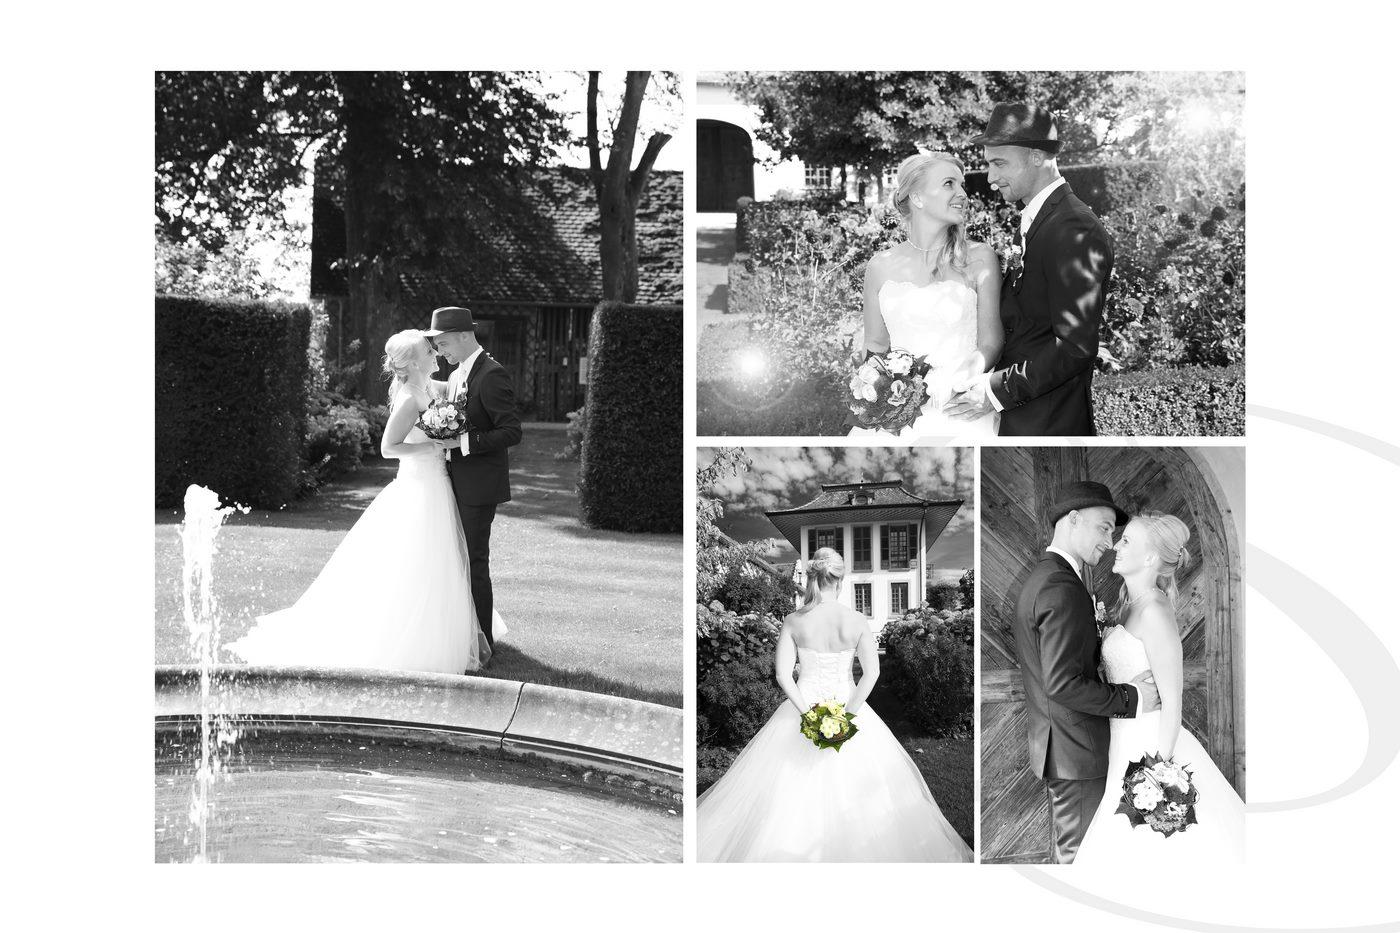 Hochzeitsshooting in Schwarz-weiß zu einer Collage zusammengeführt